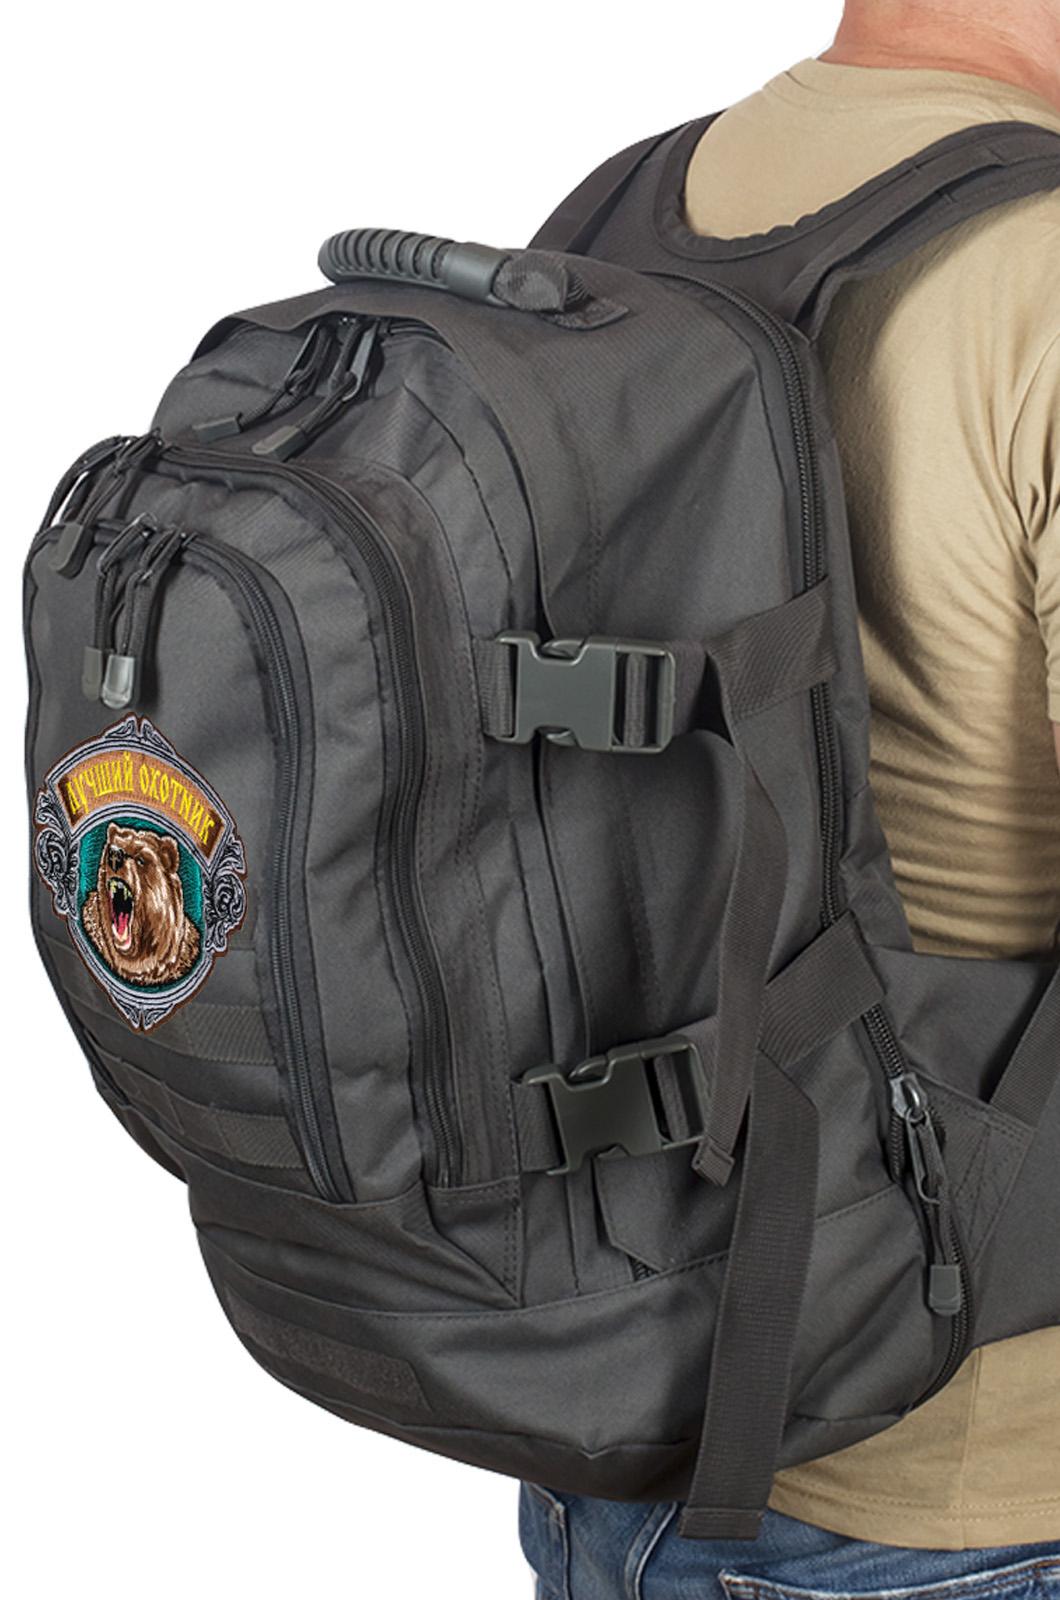 Универсальный практичный рюкзак с нашивкой Лучший Охотник